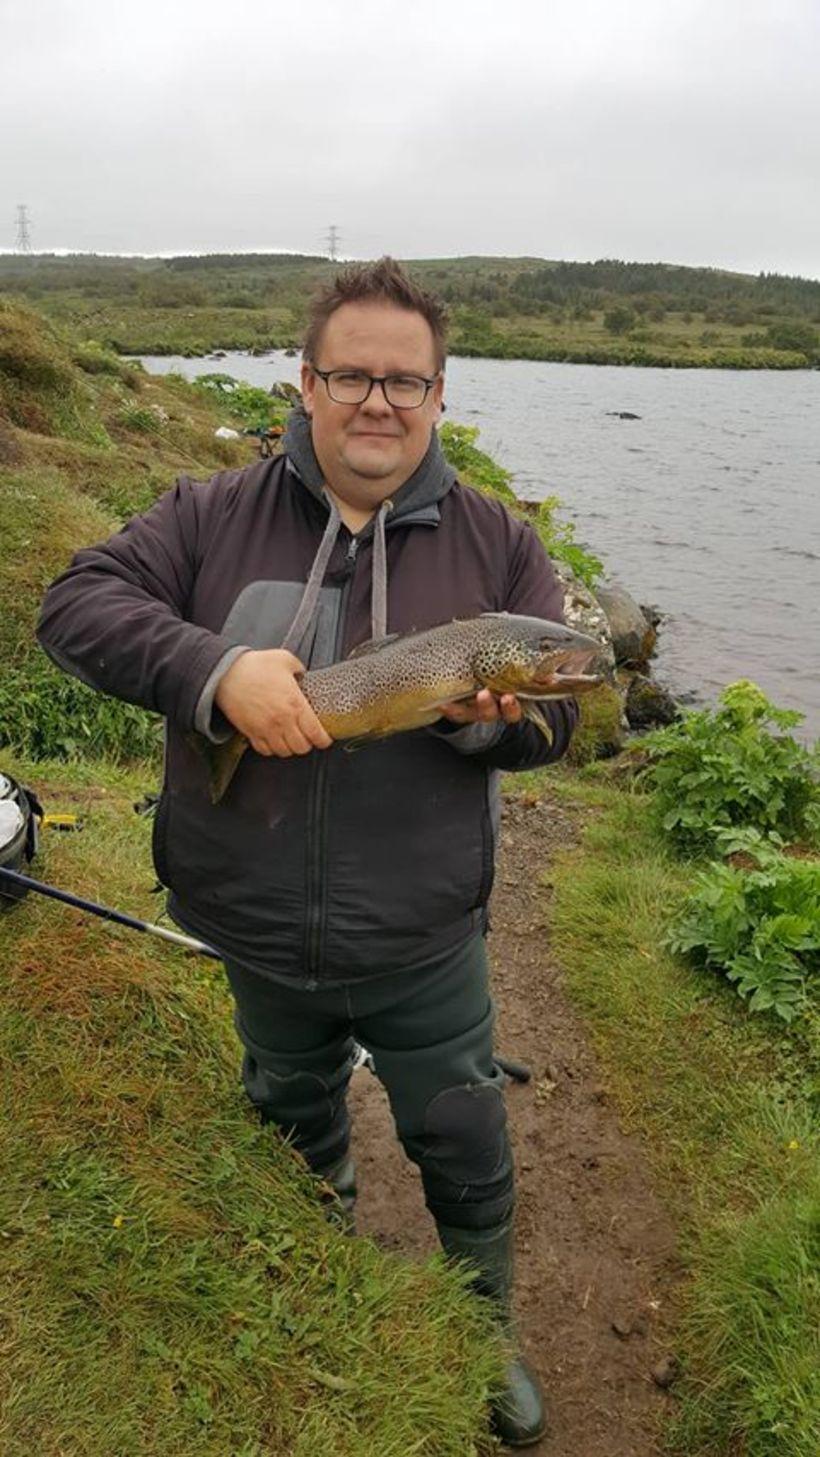 Friðrik Ottó Friðriksson með rúmlega fjögra punda urriða úr Elliðavatni.